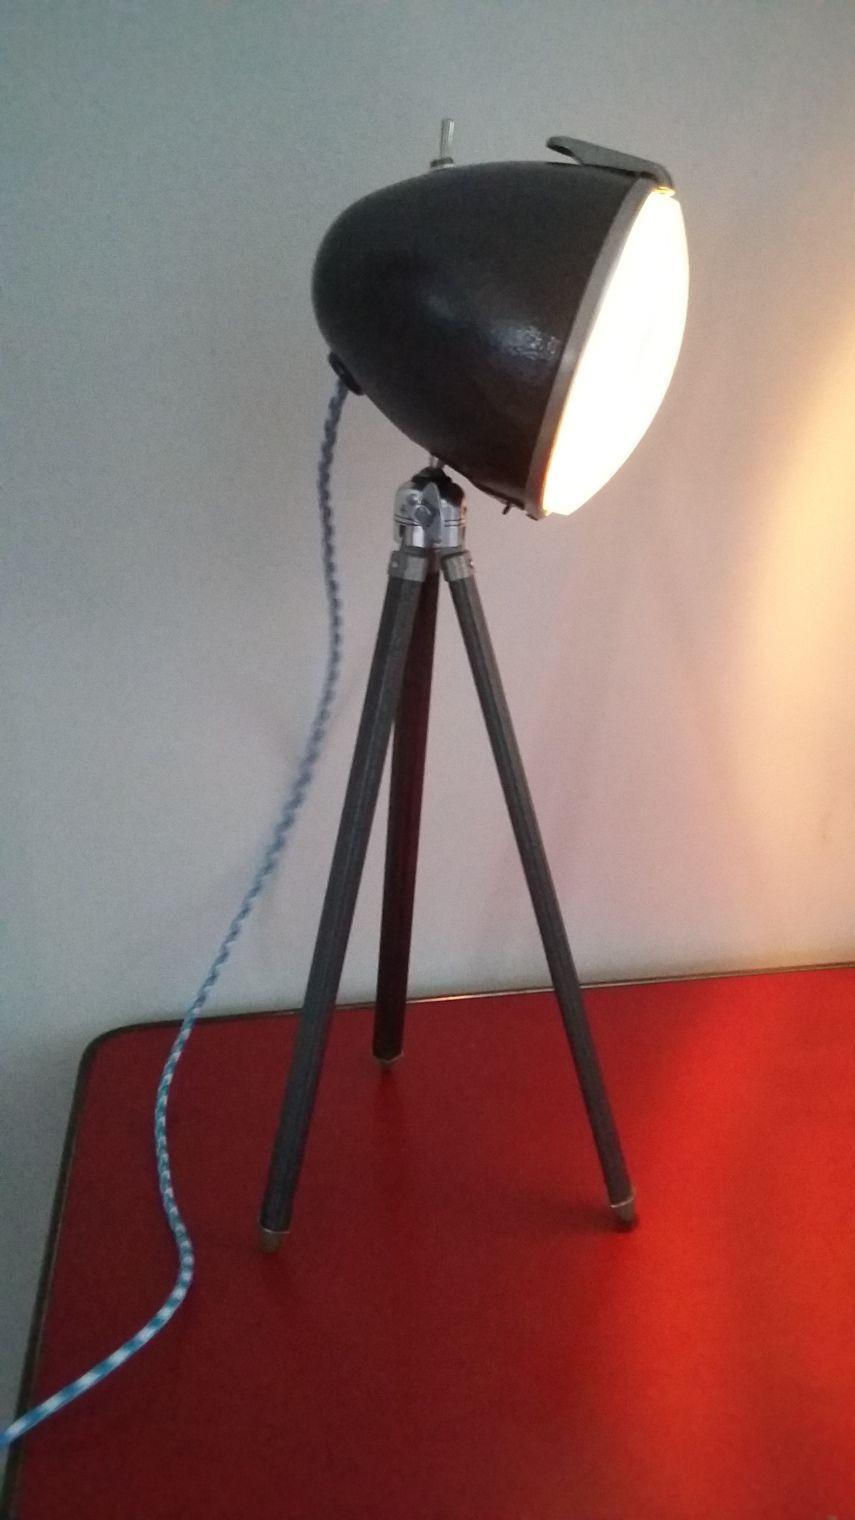 Lampe 2cv Vintage Les Vieilles Choses Lamp Vintage Lampe